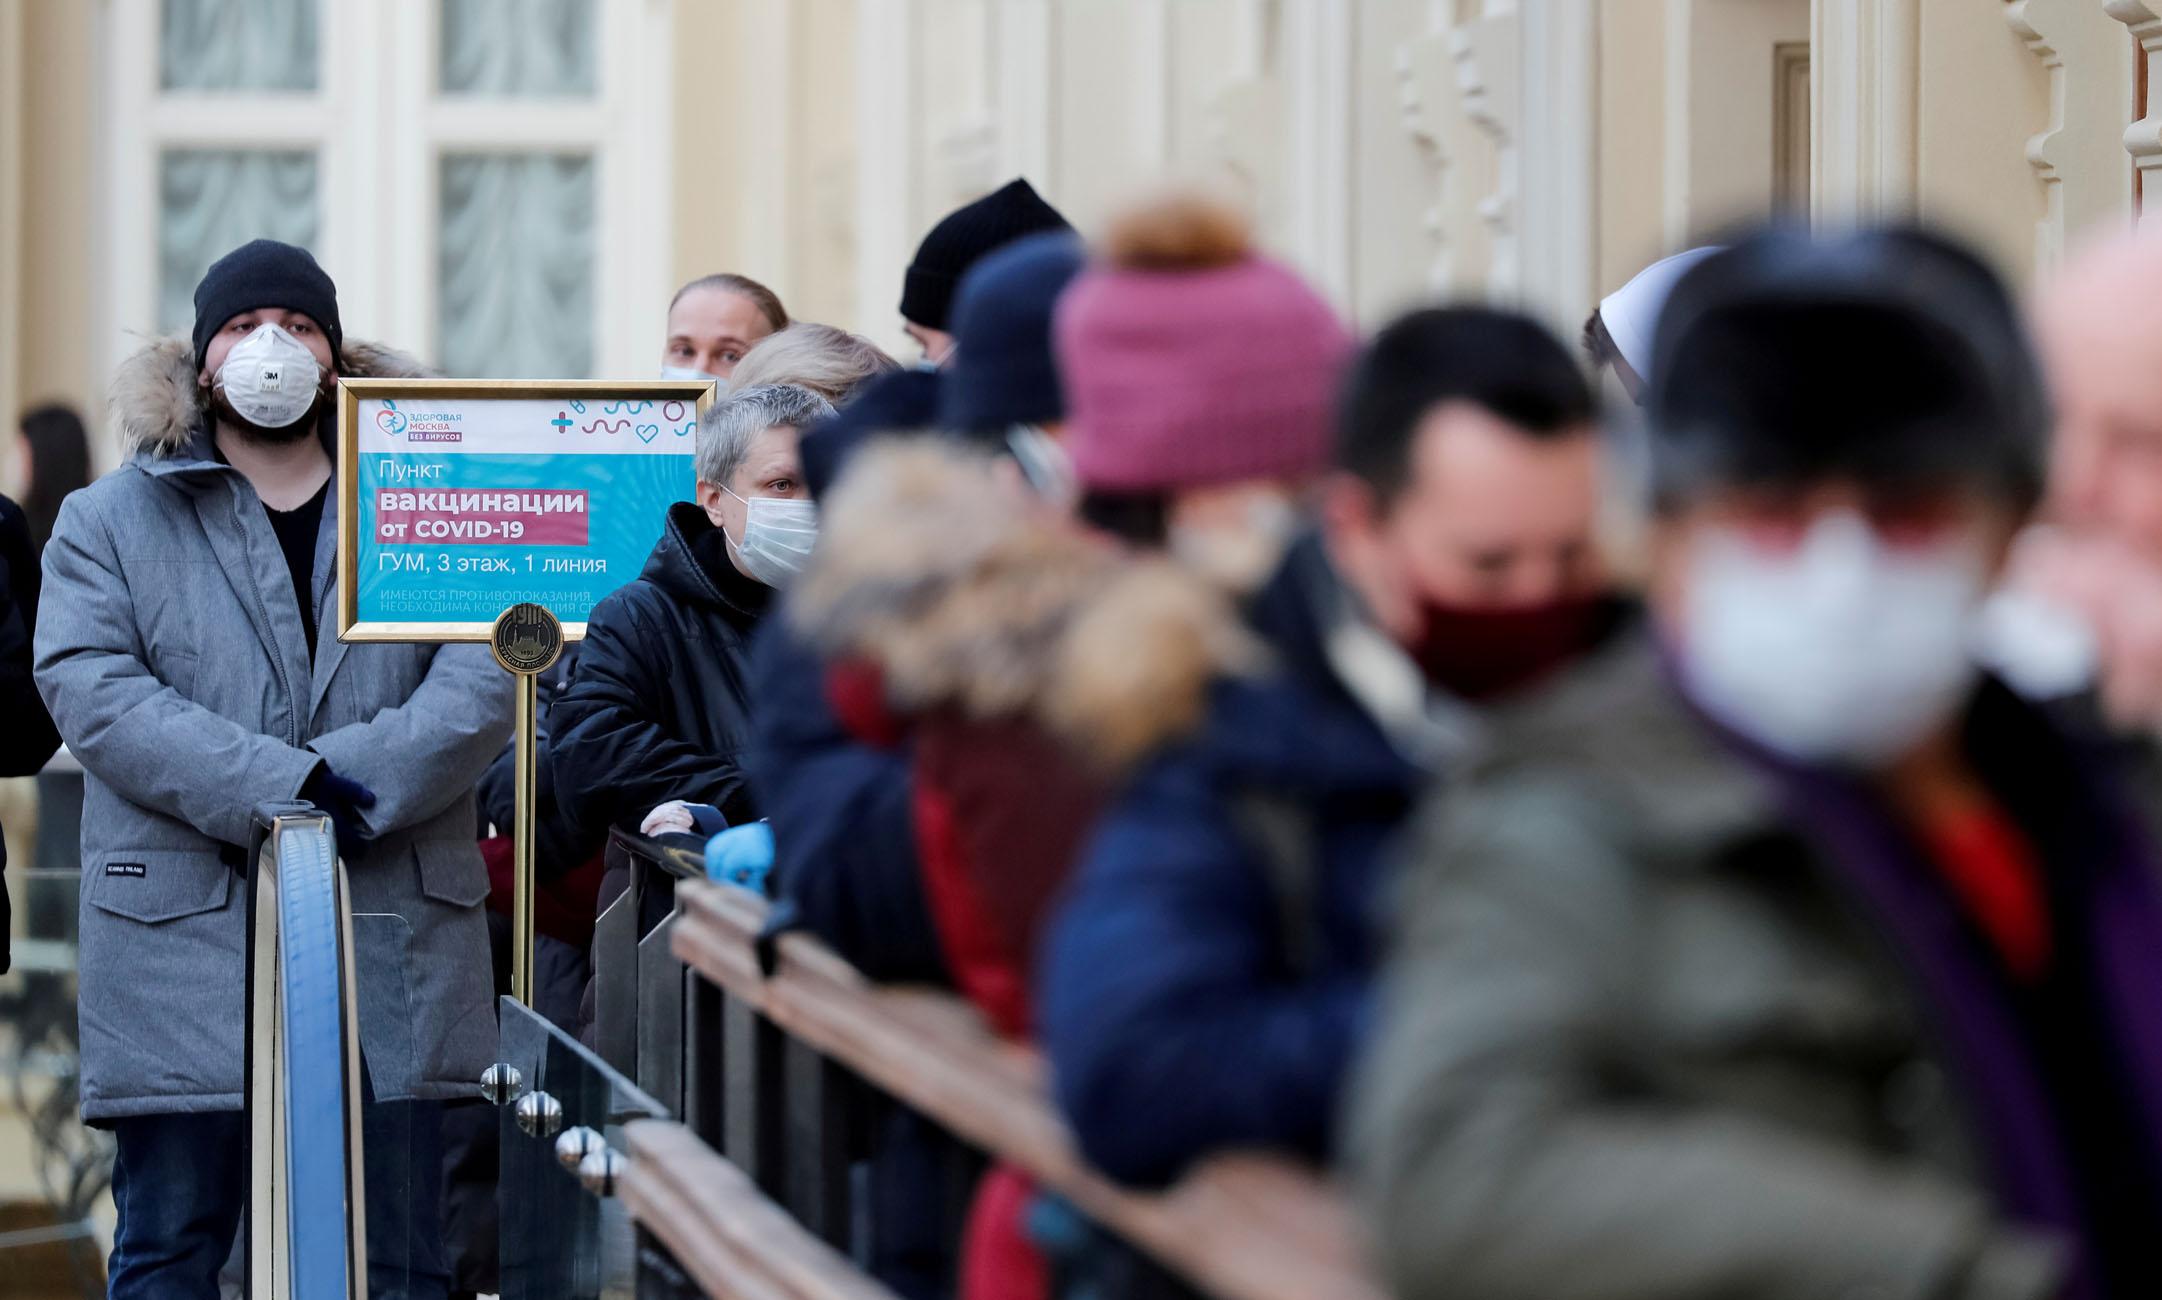 Ρωσία: 389 νεκροί και σχεδόν 9.000 νέα κρούσματα